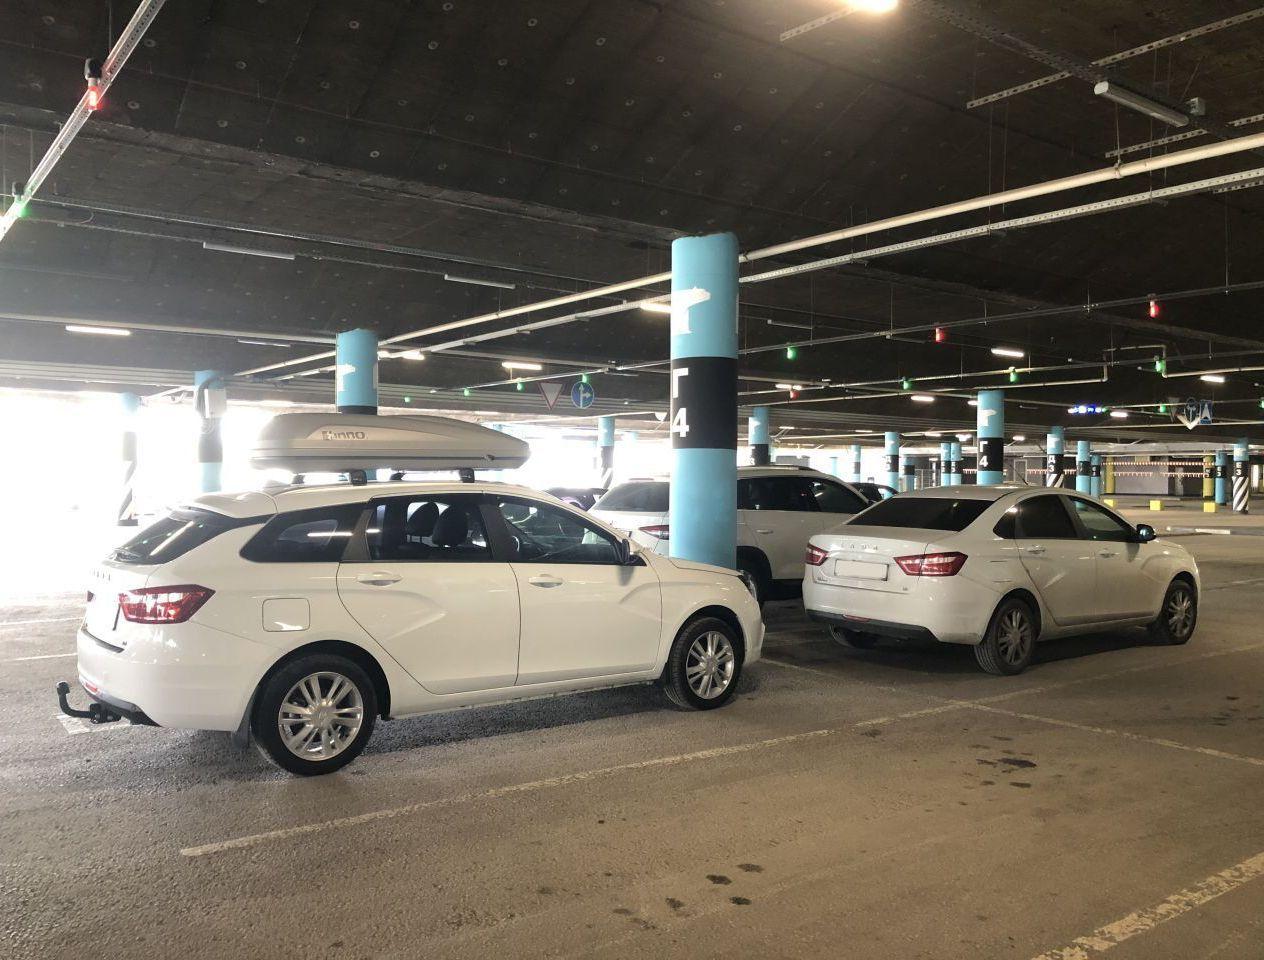 Припарковалась у моей машины Веста универсал с таким же мотором 1.8